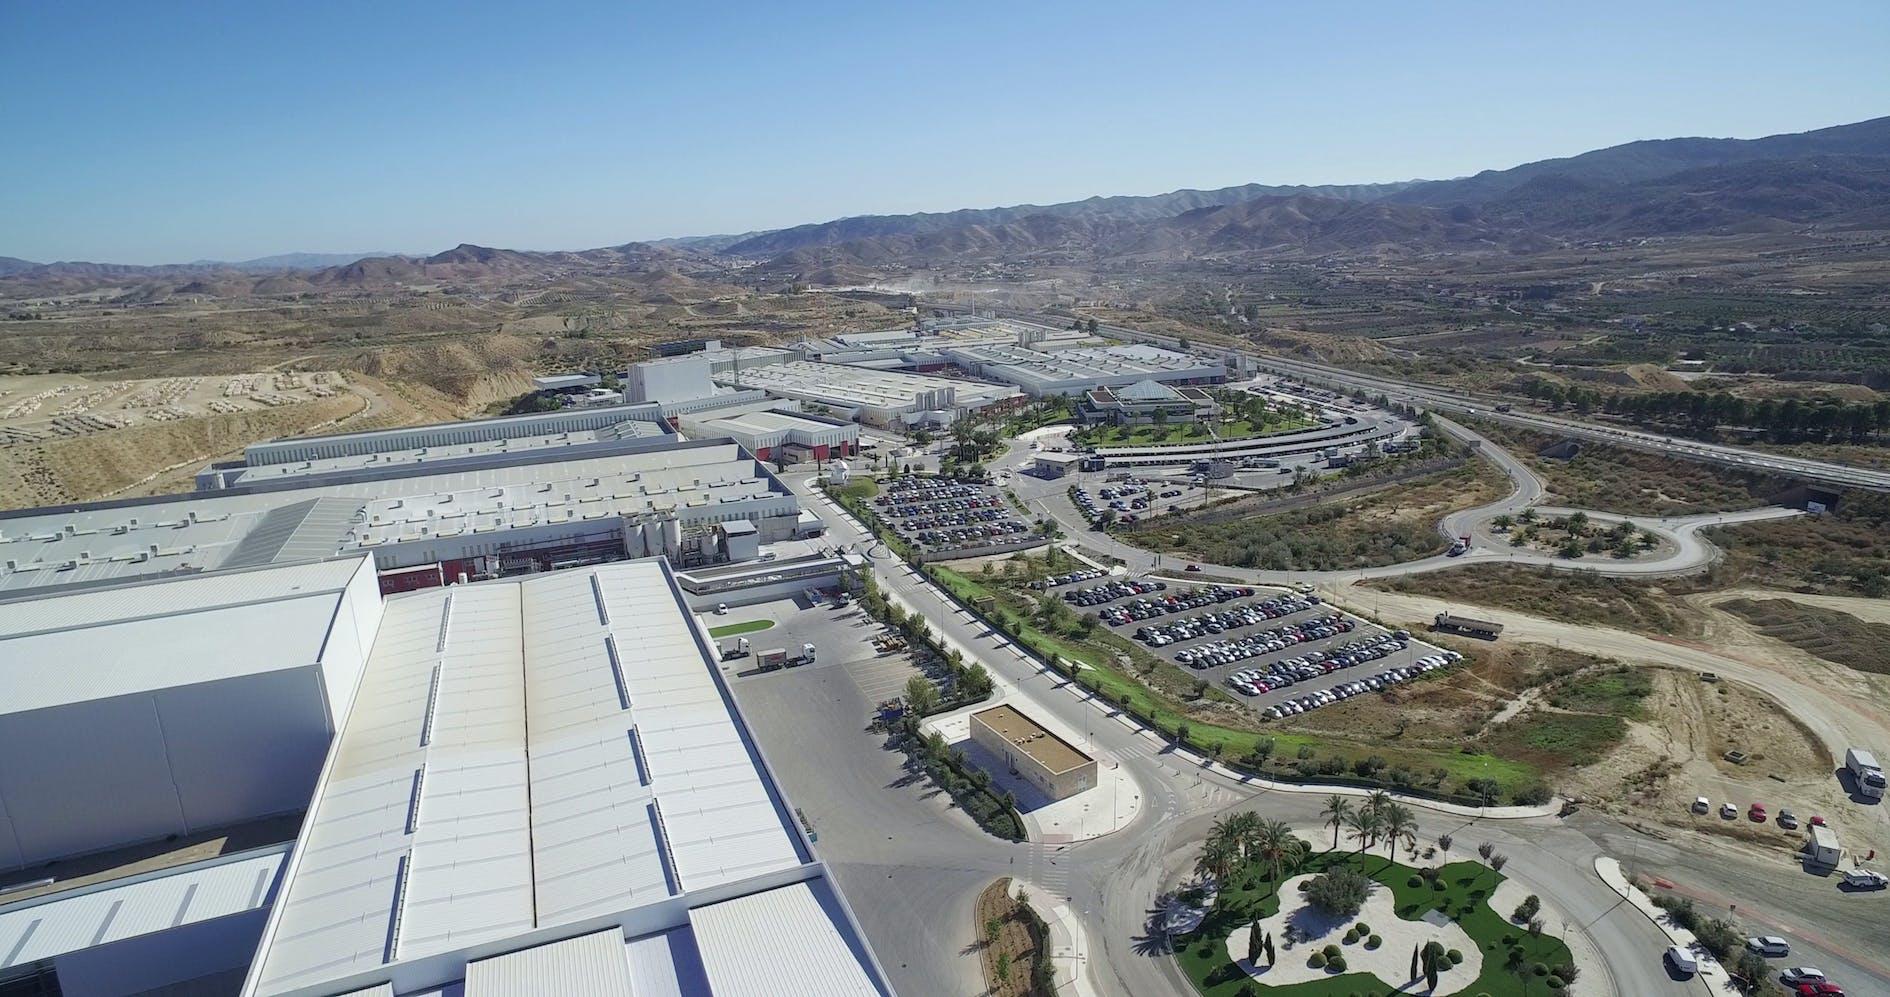 Image of Vista Aerea Parque Industrial Cosentino Cantoria in Cosentino Group reaches Euro 984.5 million turnover in 2018 - Cosentino